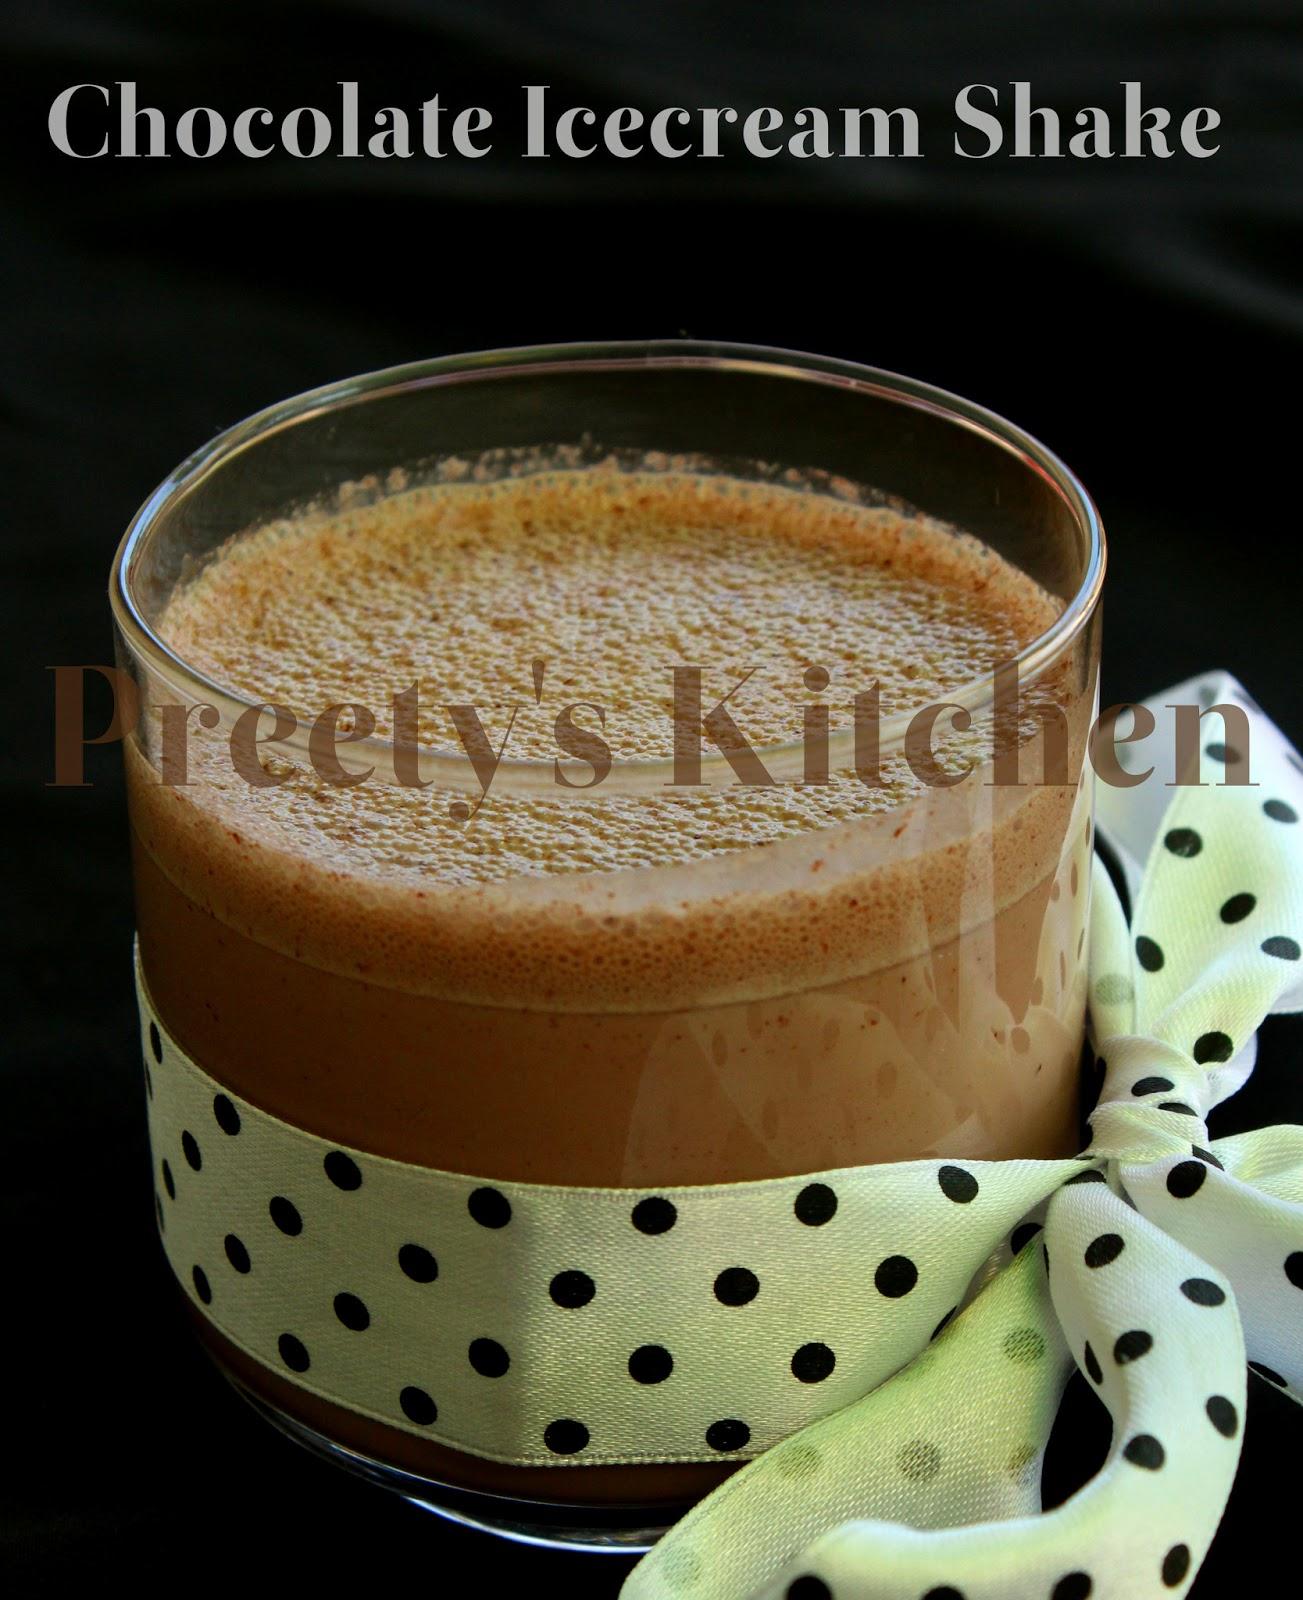 Preety's Kitchen: Chocolate Icecream Shake Recipe